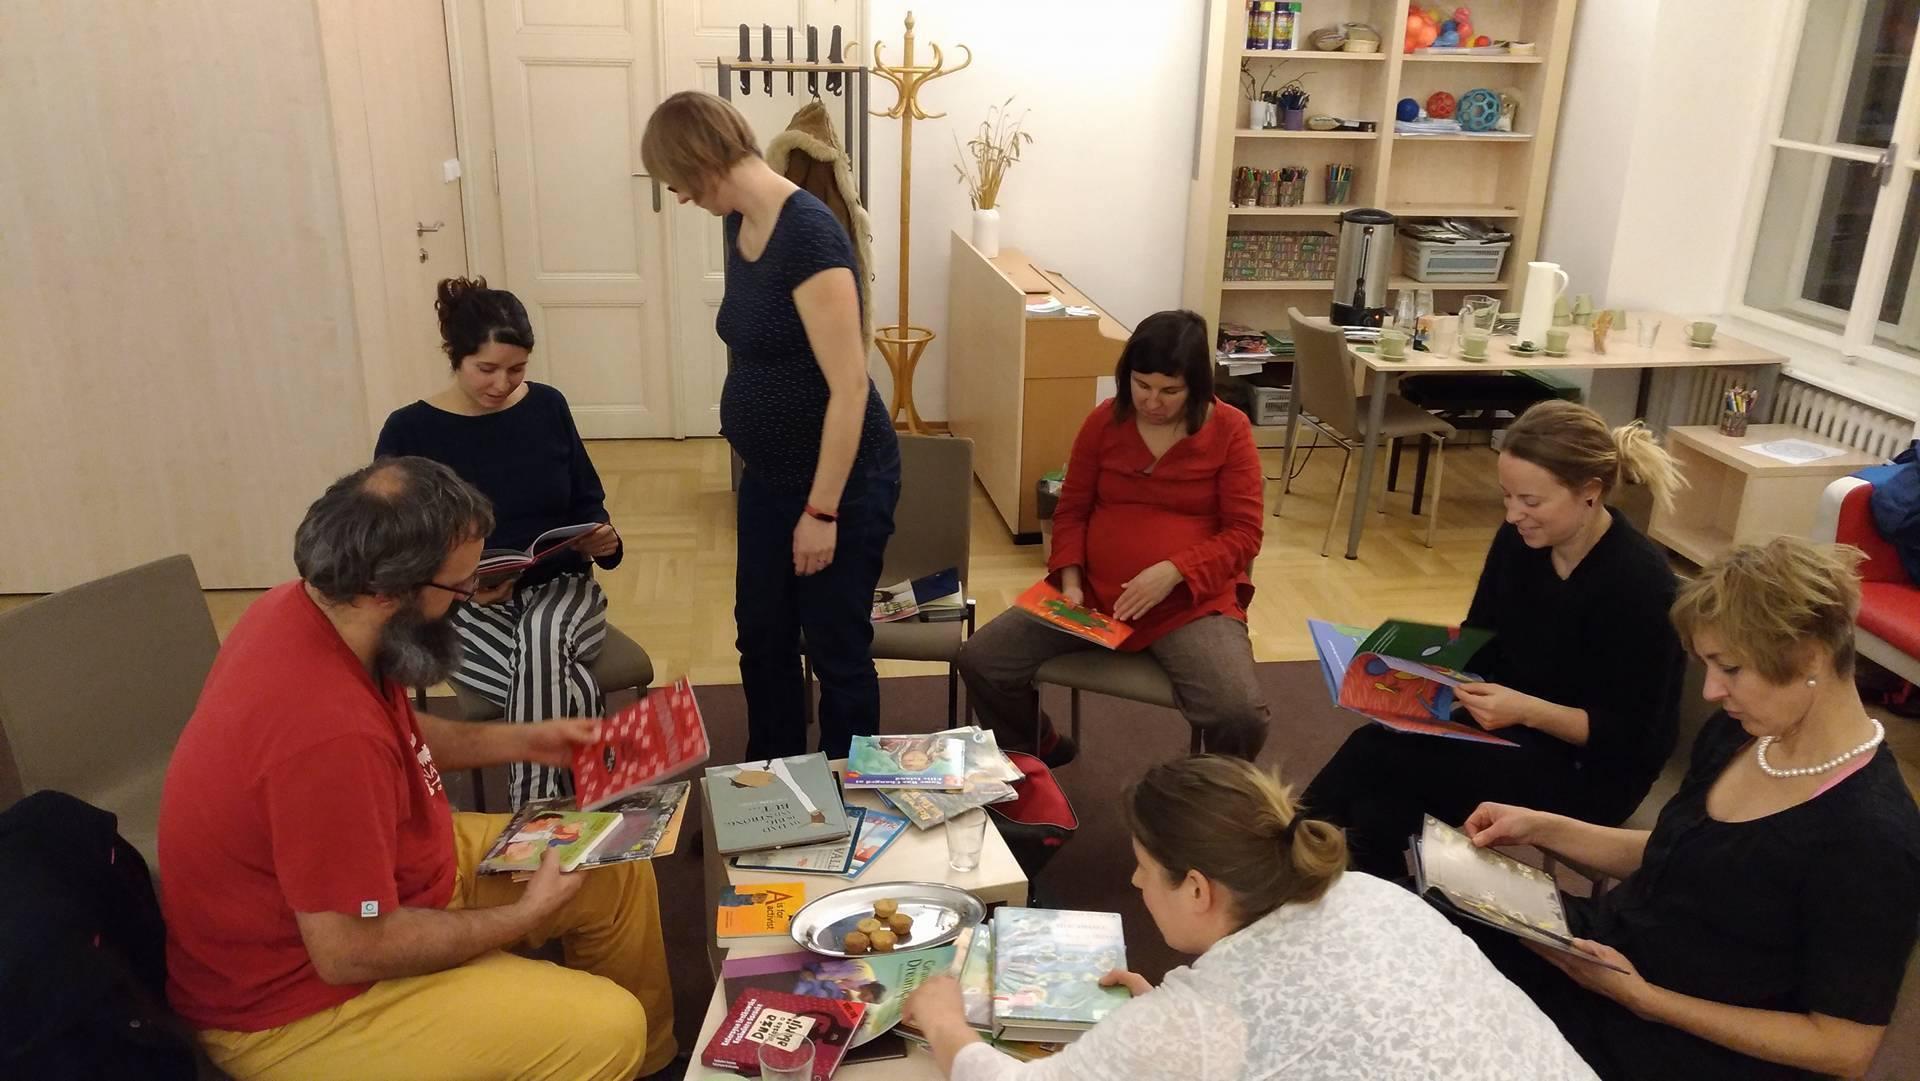 Knížku pod stromeček? Českým knihám pro děti chybí pestrost